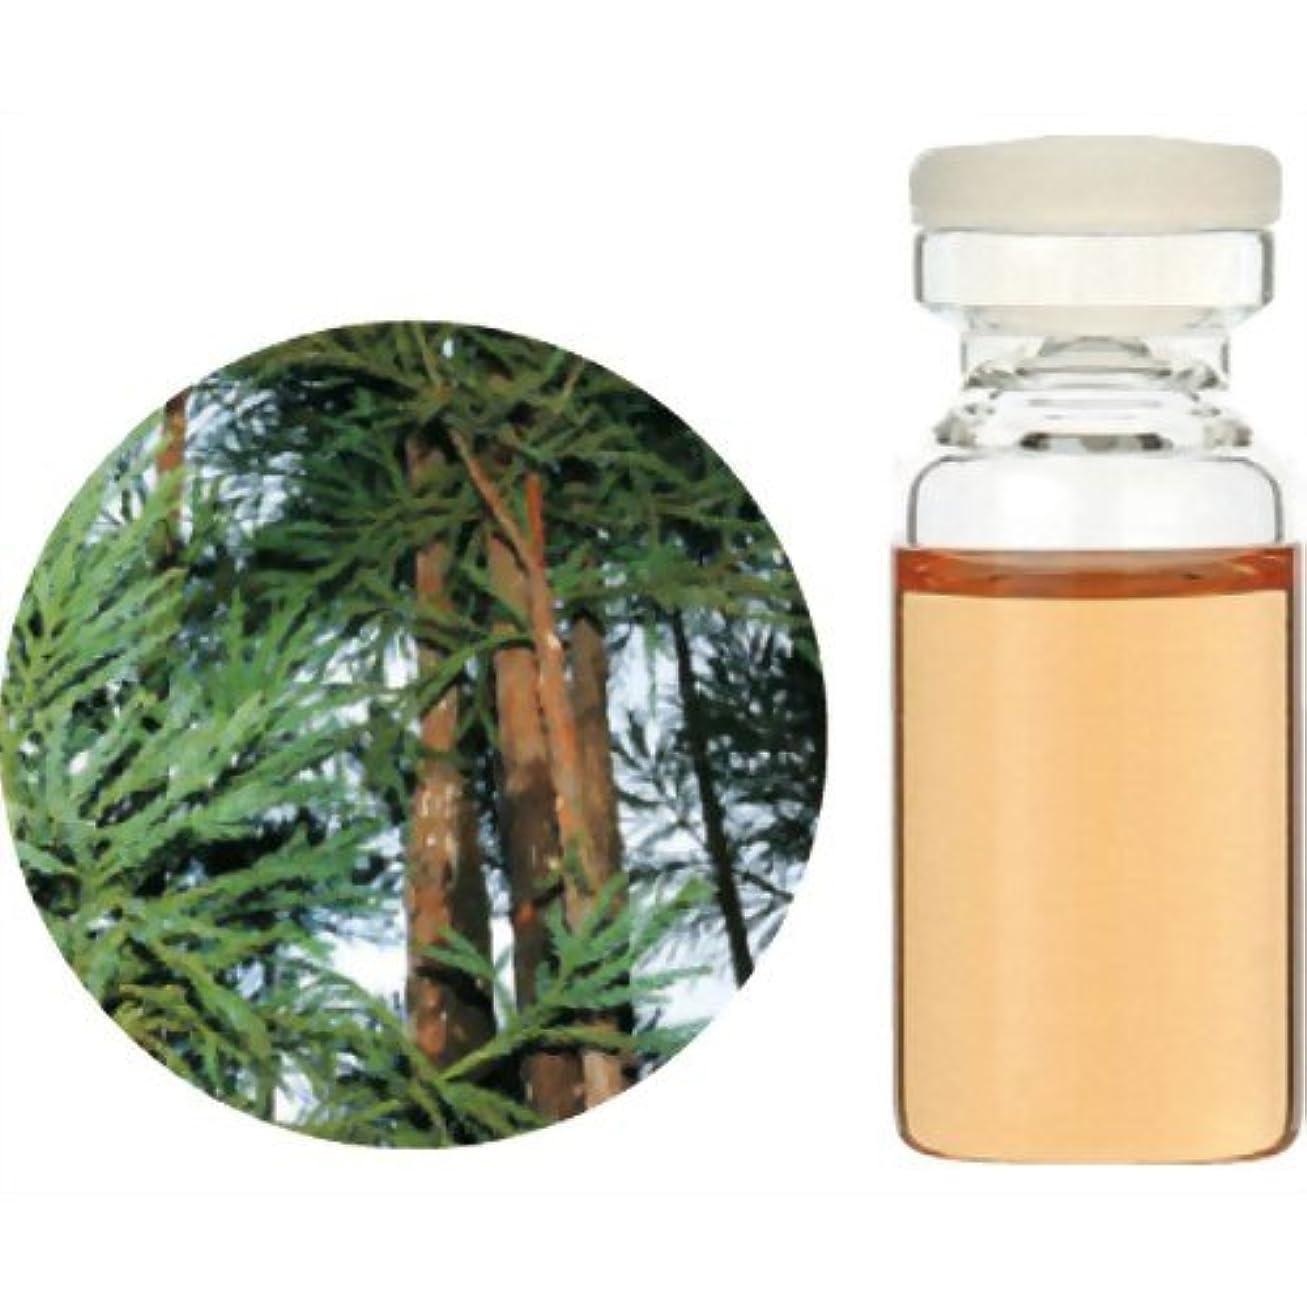 ペレグリネーション予測独立して生活の木 Herbal Life 和精油 杉 木部 3ml